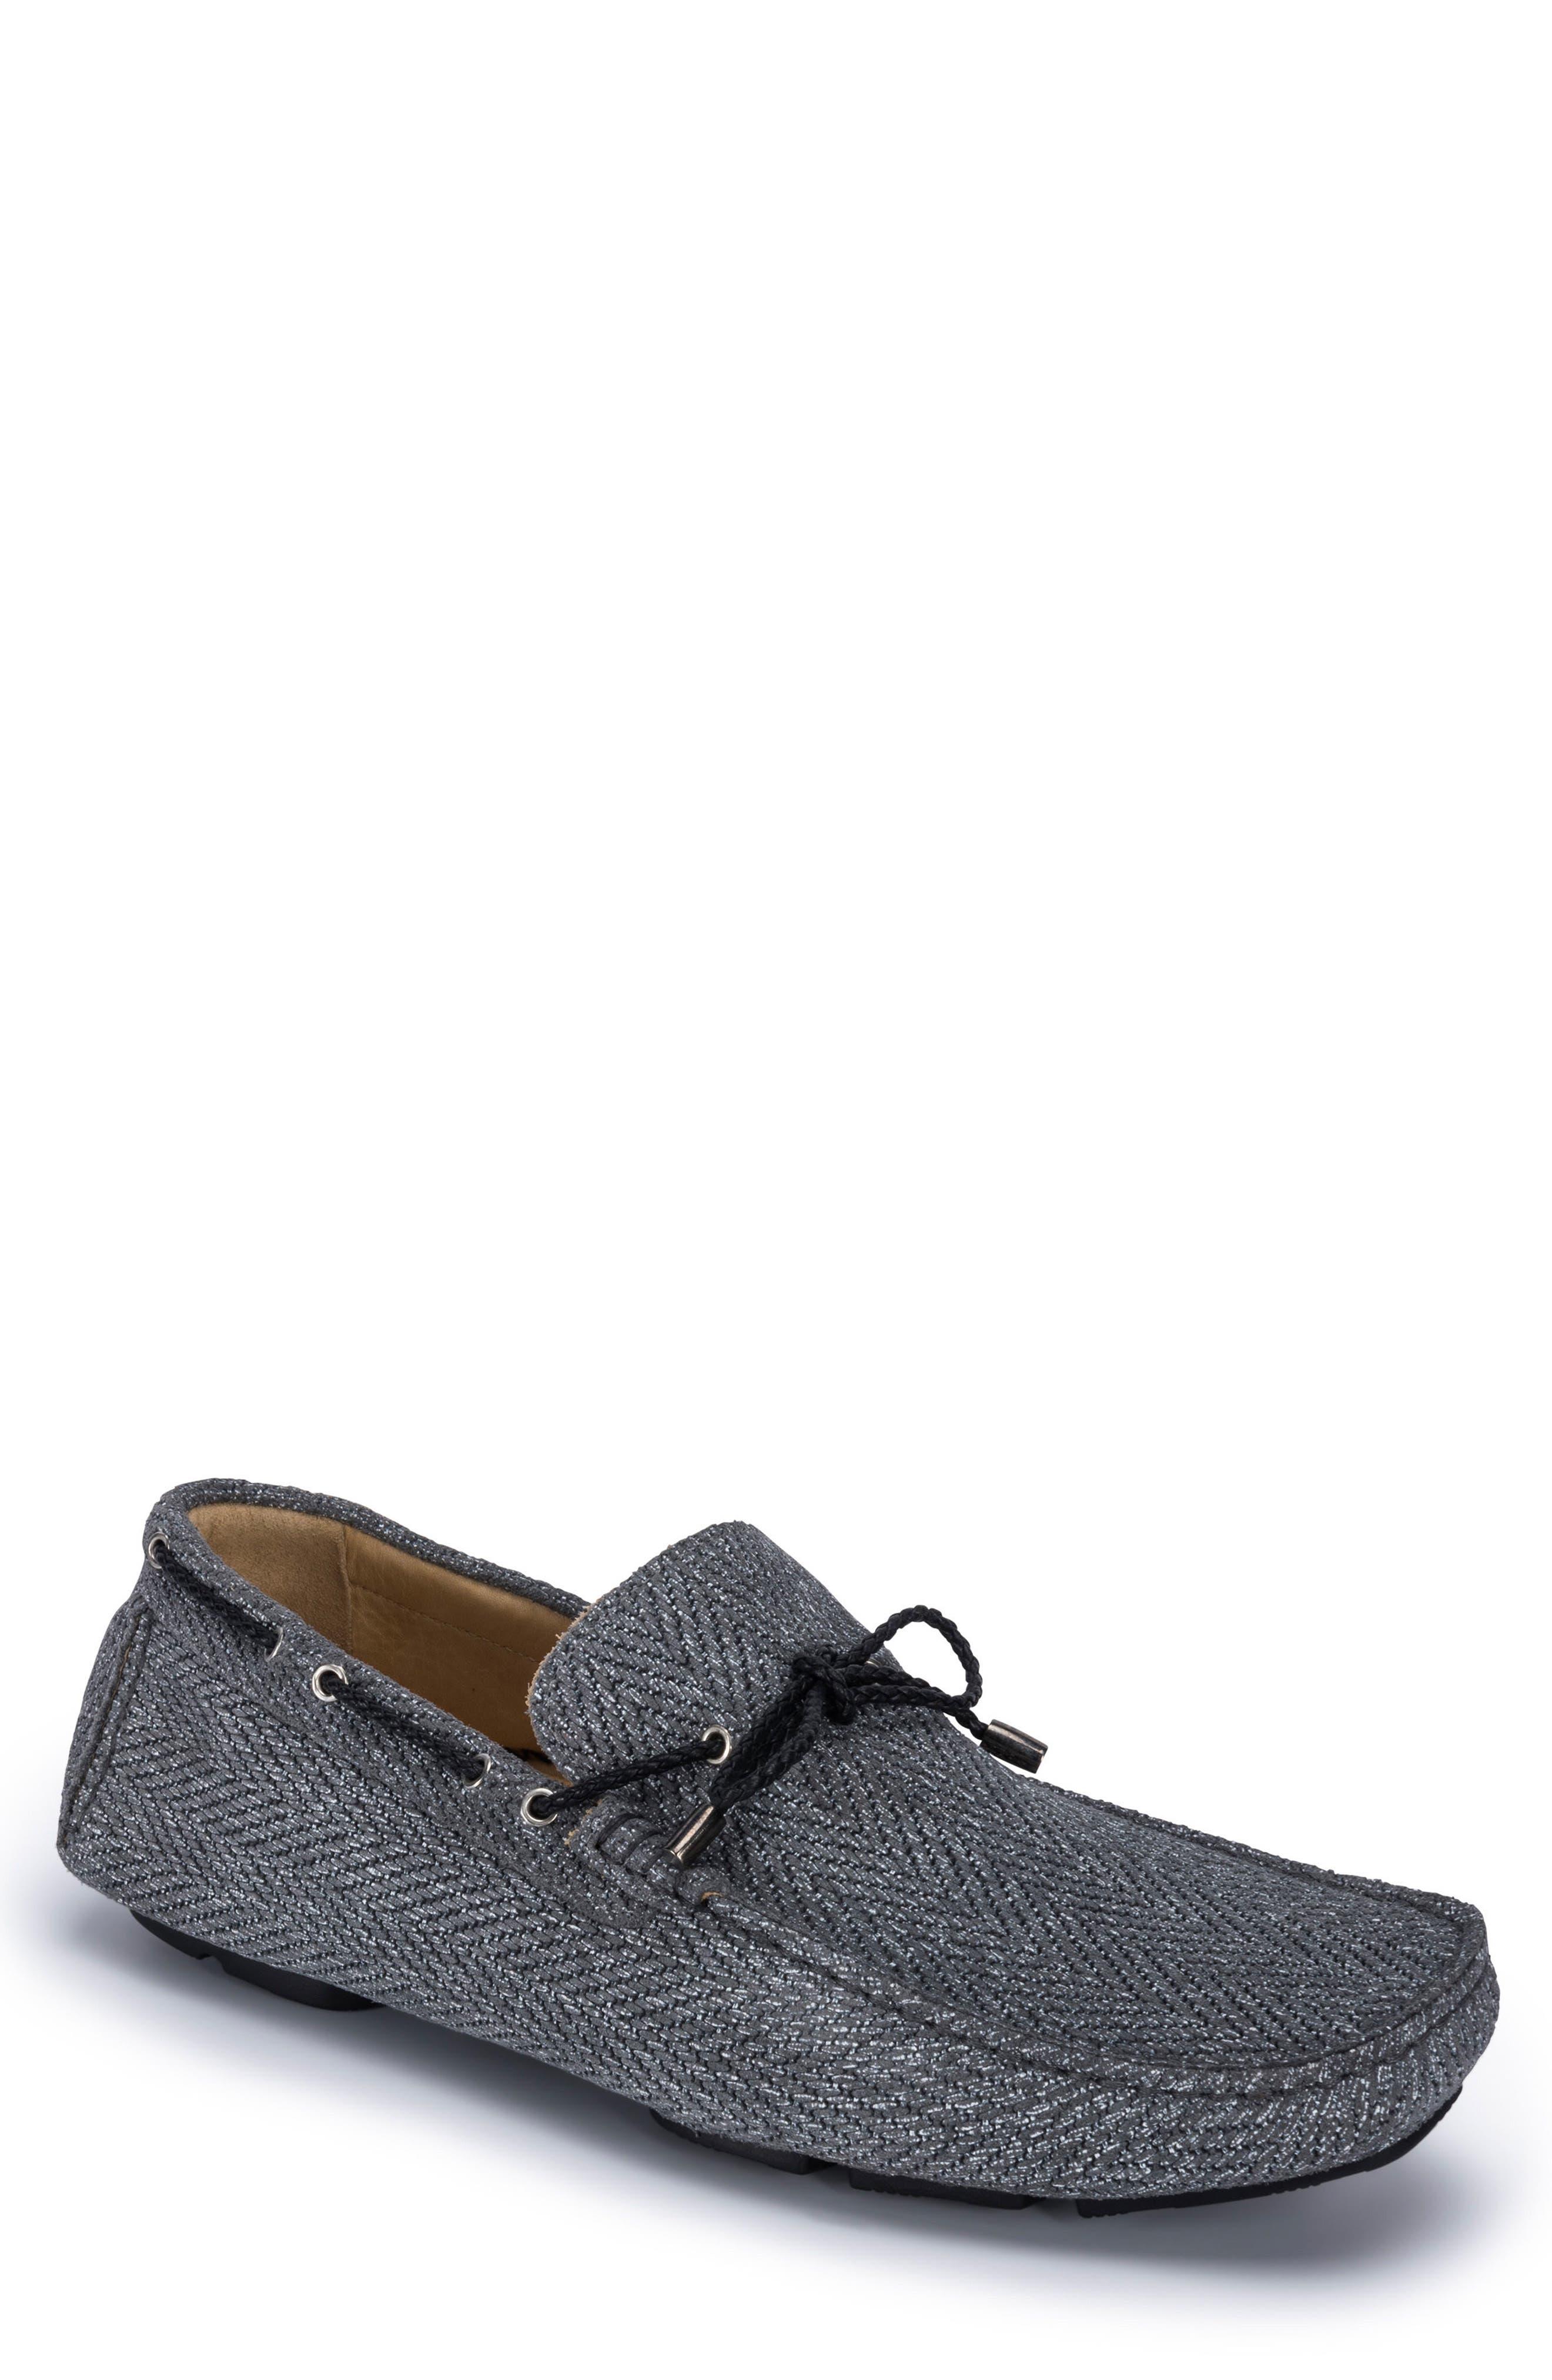 Bugatchi Men's Pompeii Driving Shoe na084yC7q5